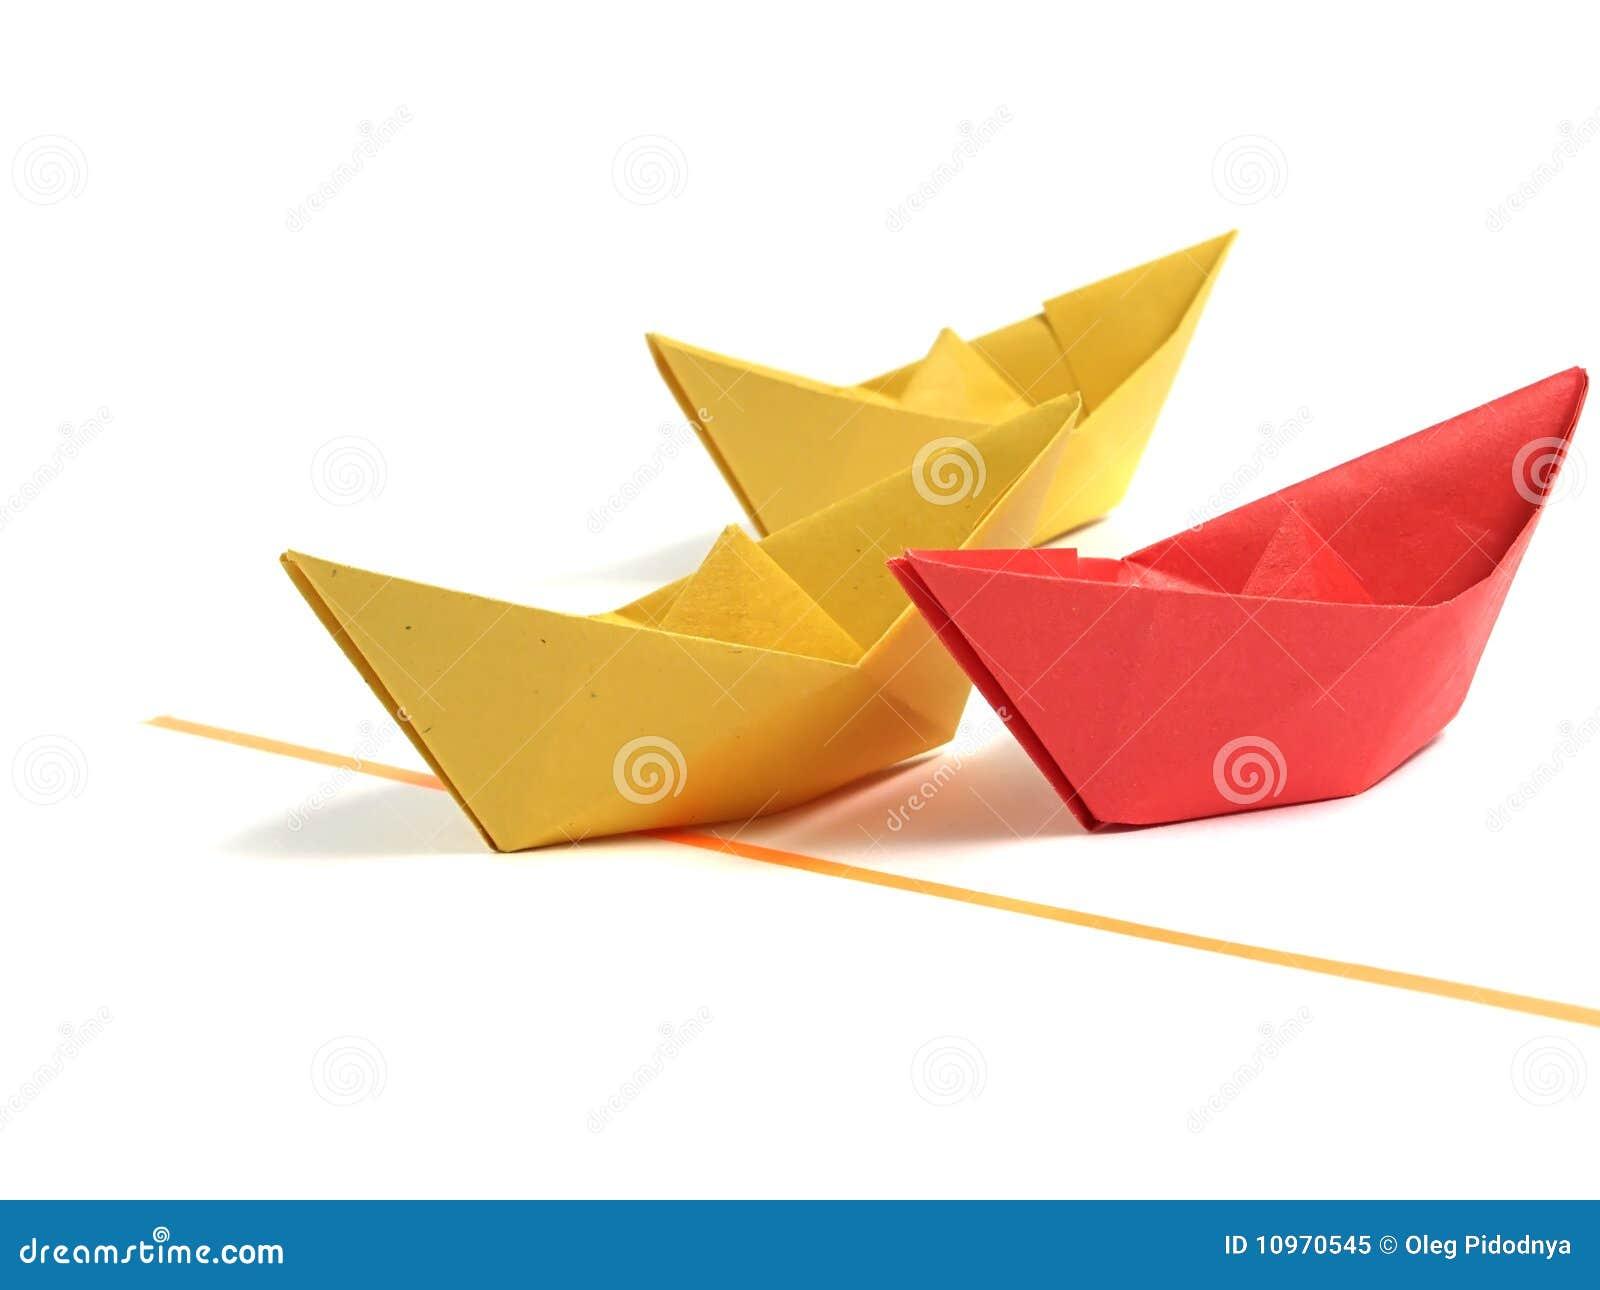 bateau d 39 origami au dessus de blanc image stock image du fond cargaison 10970545. Black Bedroom Furniture Sets. Home Design Ideas